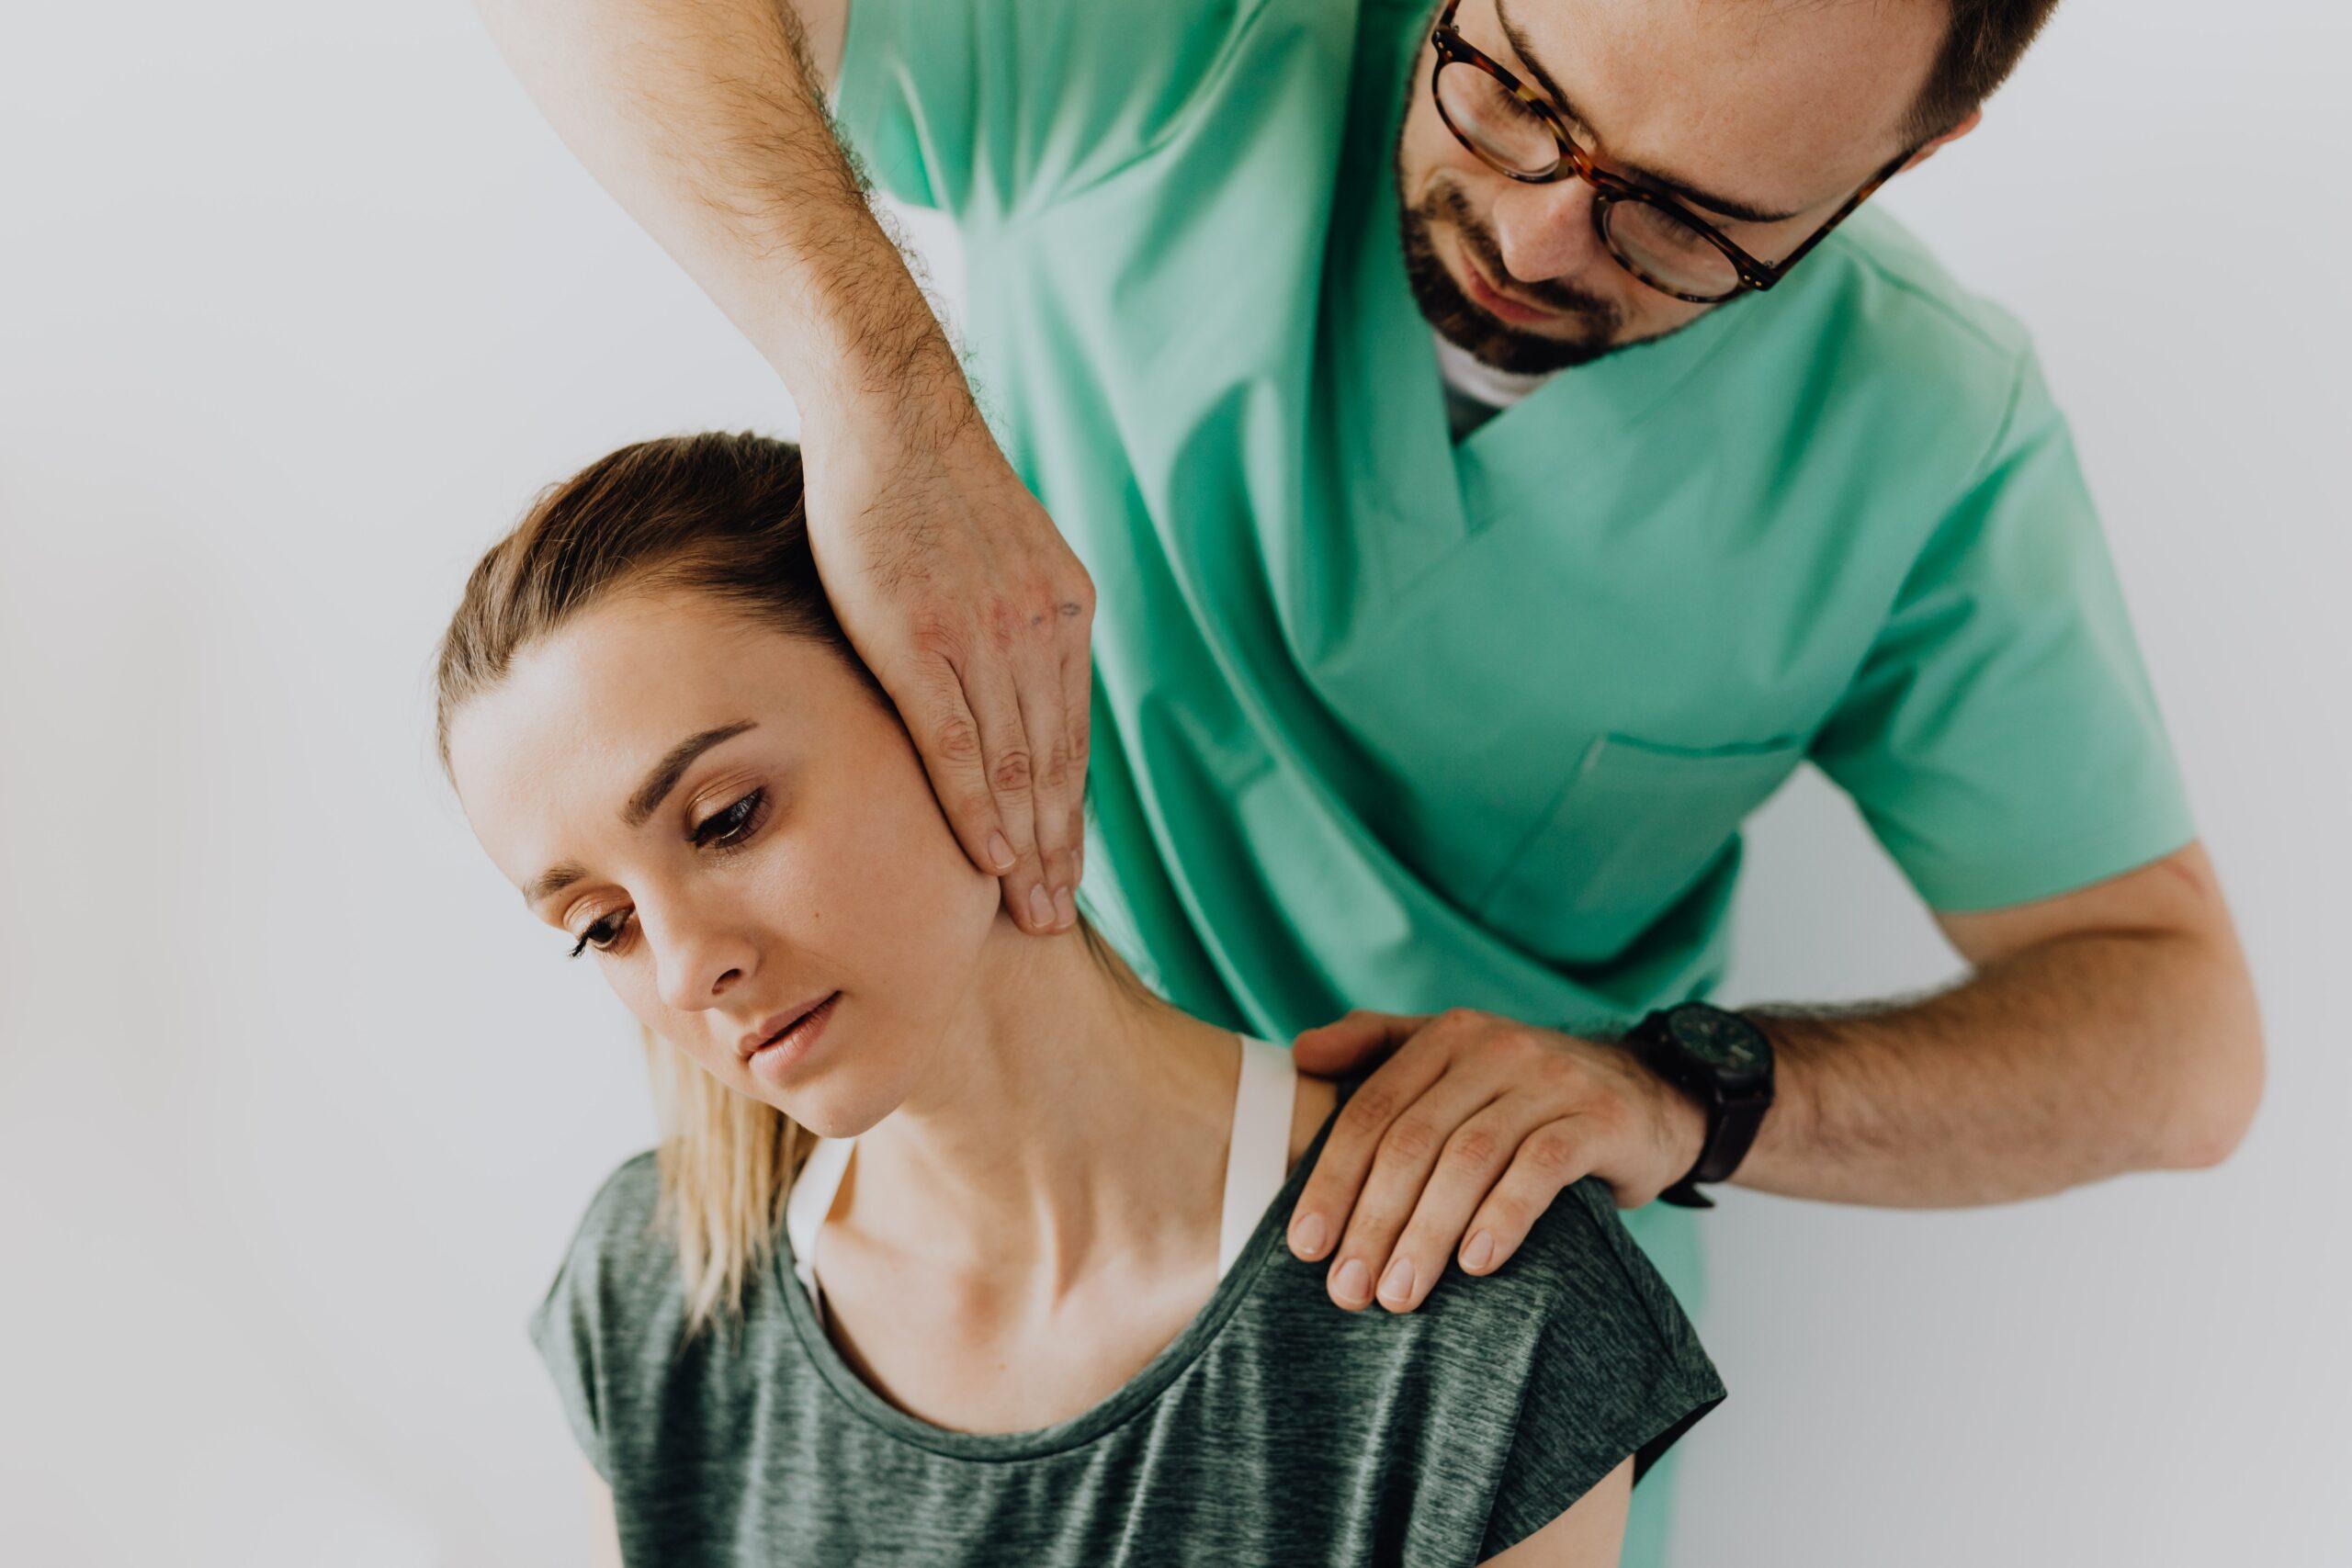 Грыжа шейного отдела позвоночника симптомы и лечение